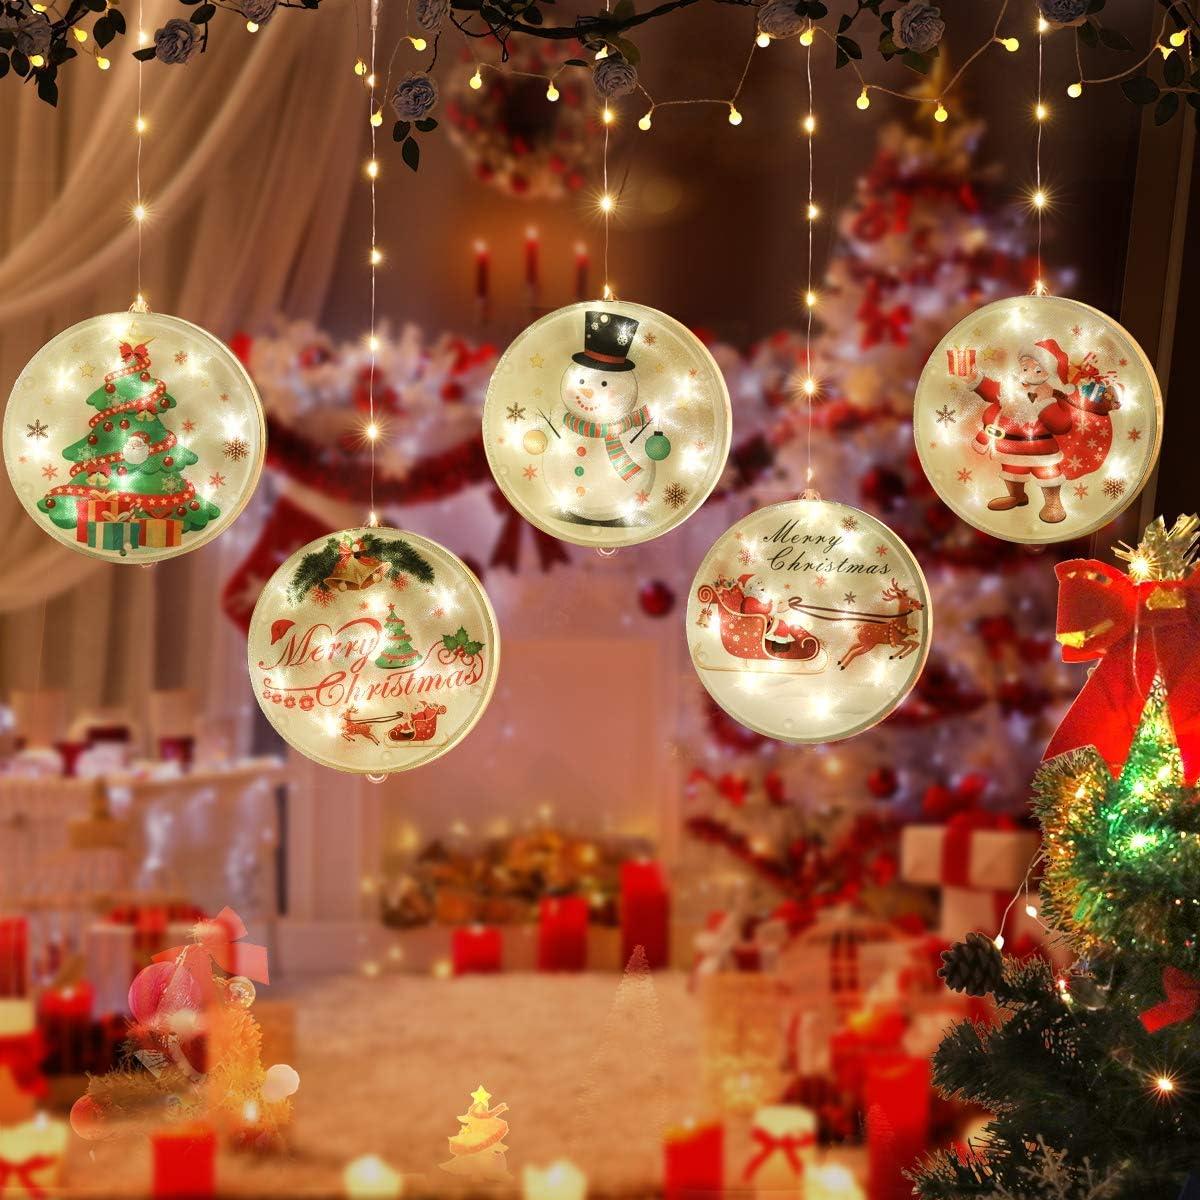 MILEXING ChristmasStringLights,LEDChristmasDecorationswith8FlashModeswith2ChargingModes(BatteryCharging-USBCharging)forFestival,Party,IndoorOutdoorChristmasDecor(Flashing)